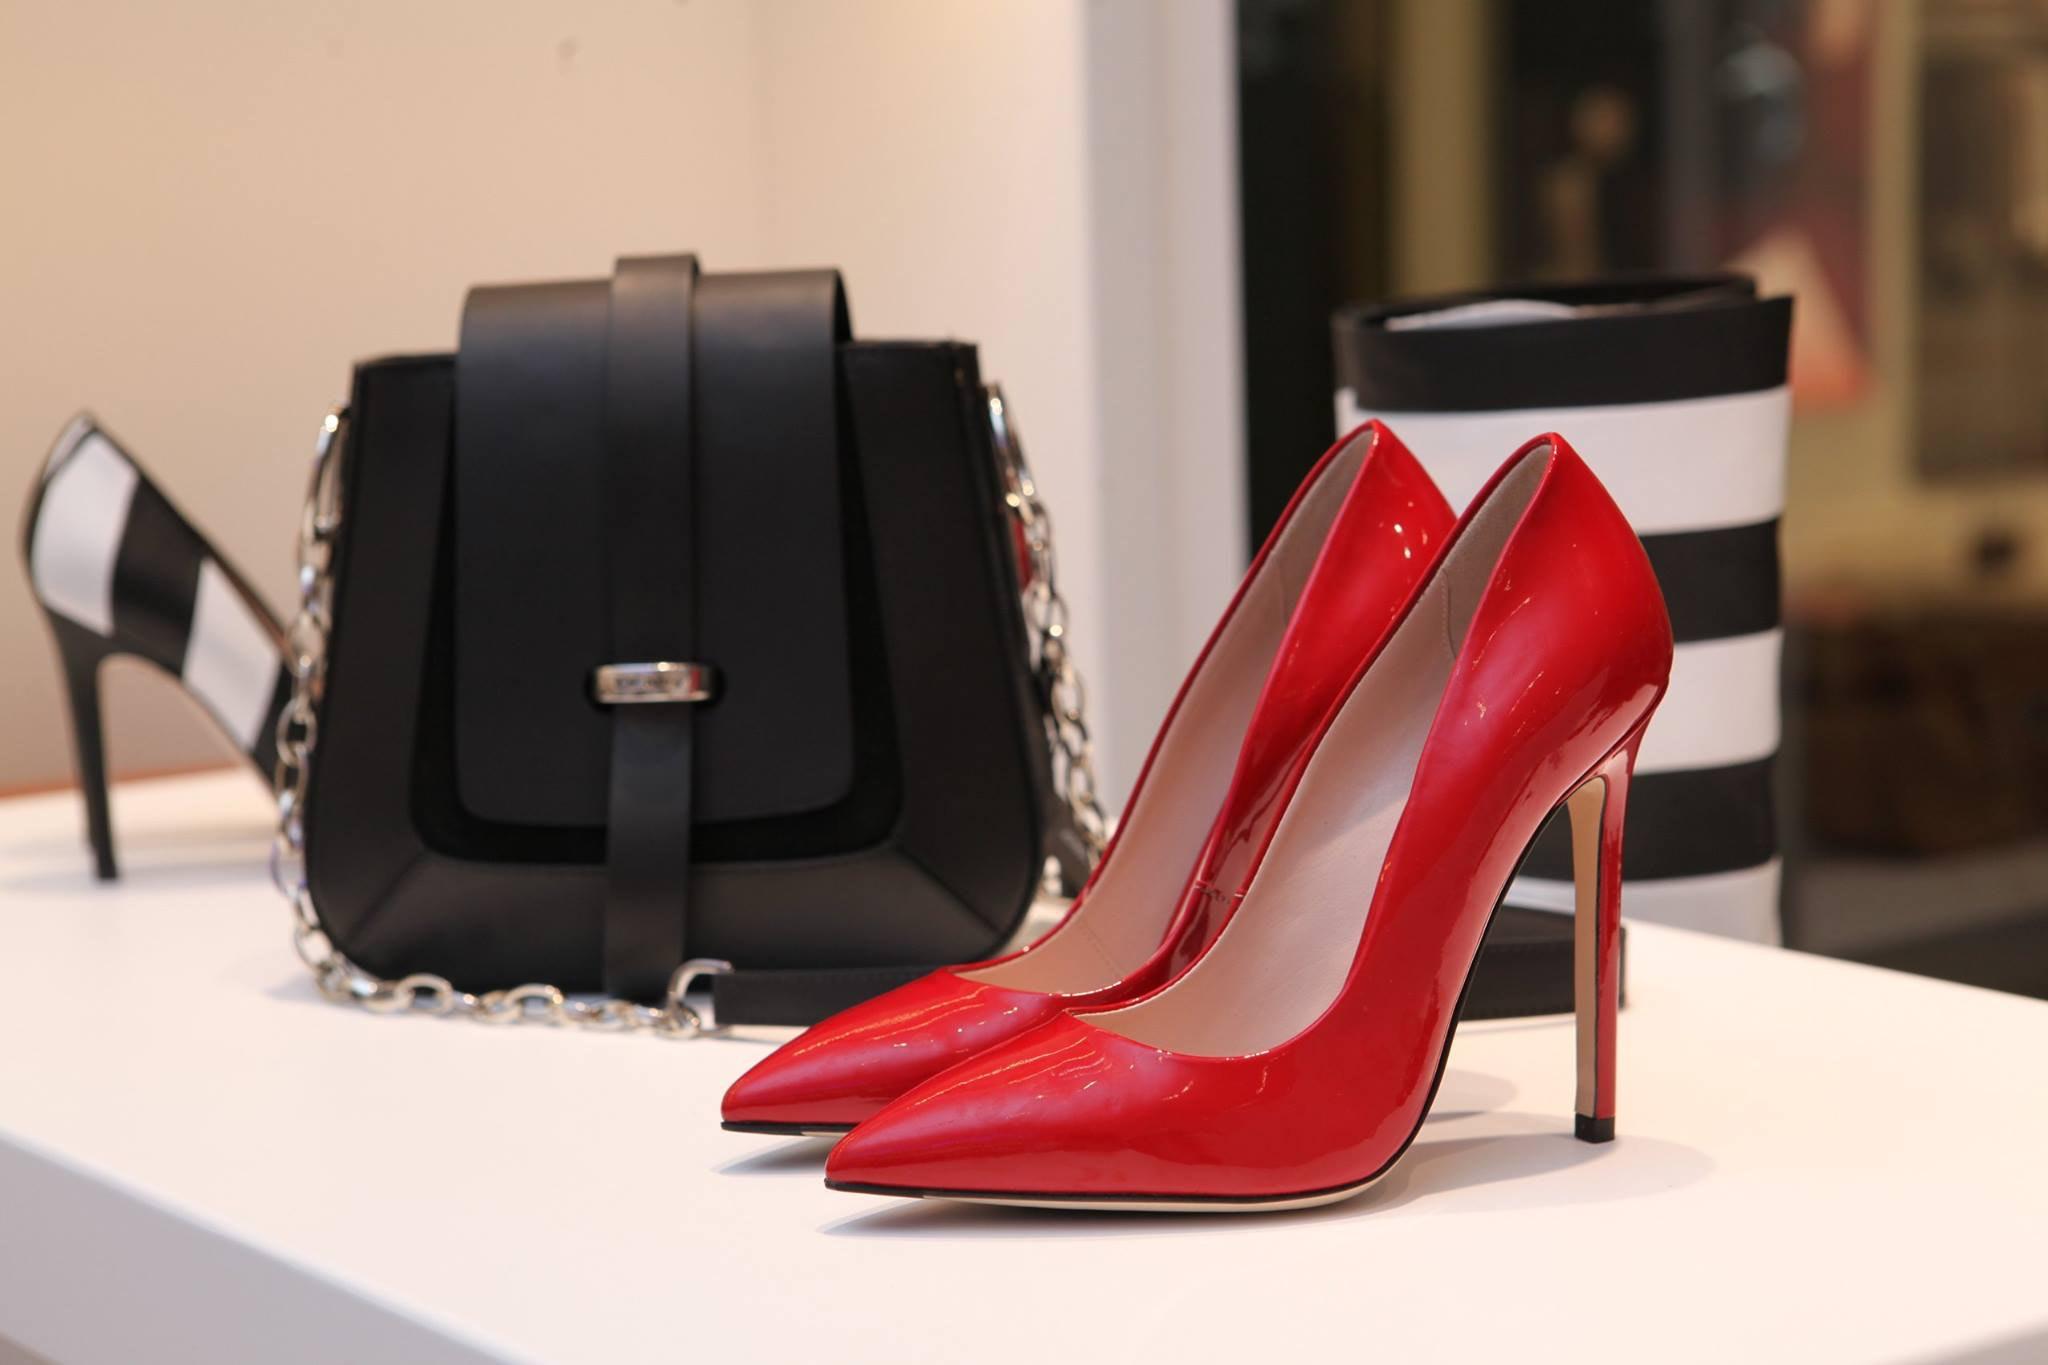 Cómo combinar zapatos y bolsos: 10 tips